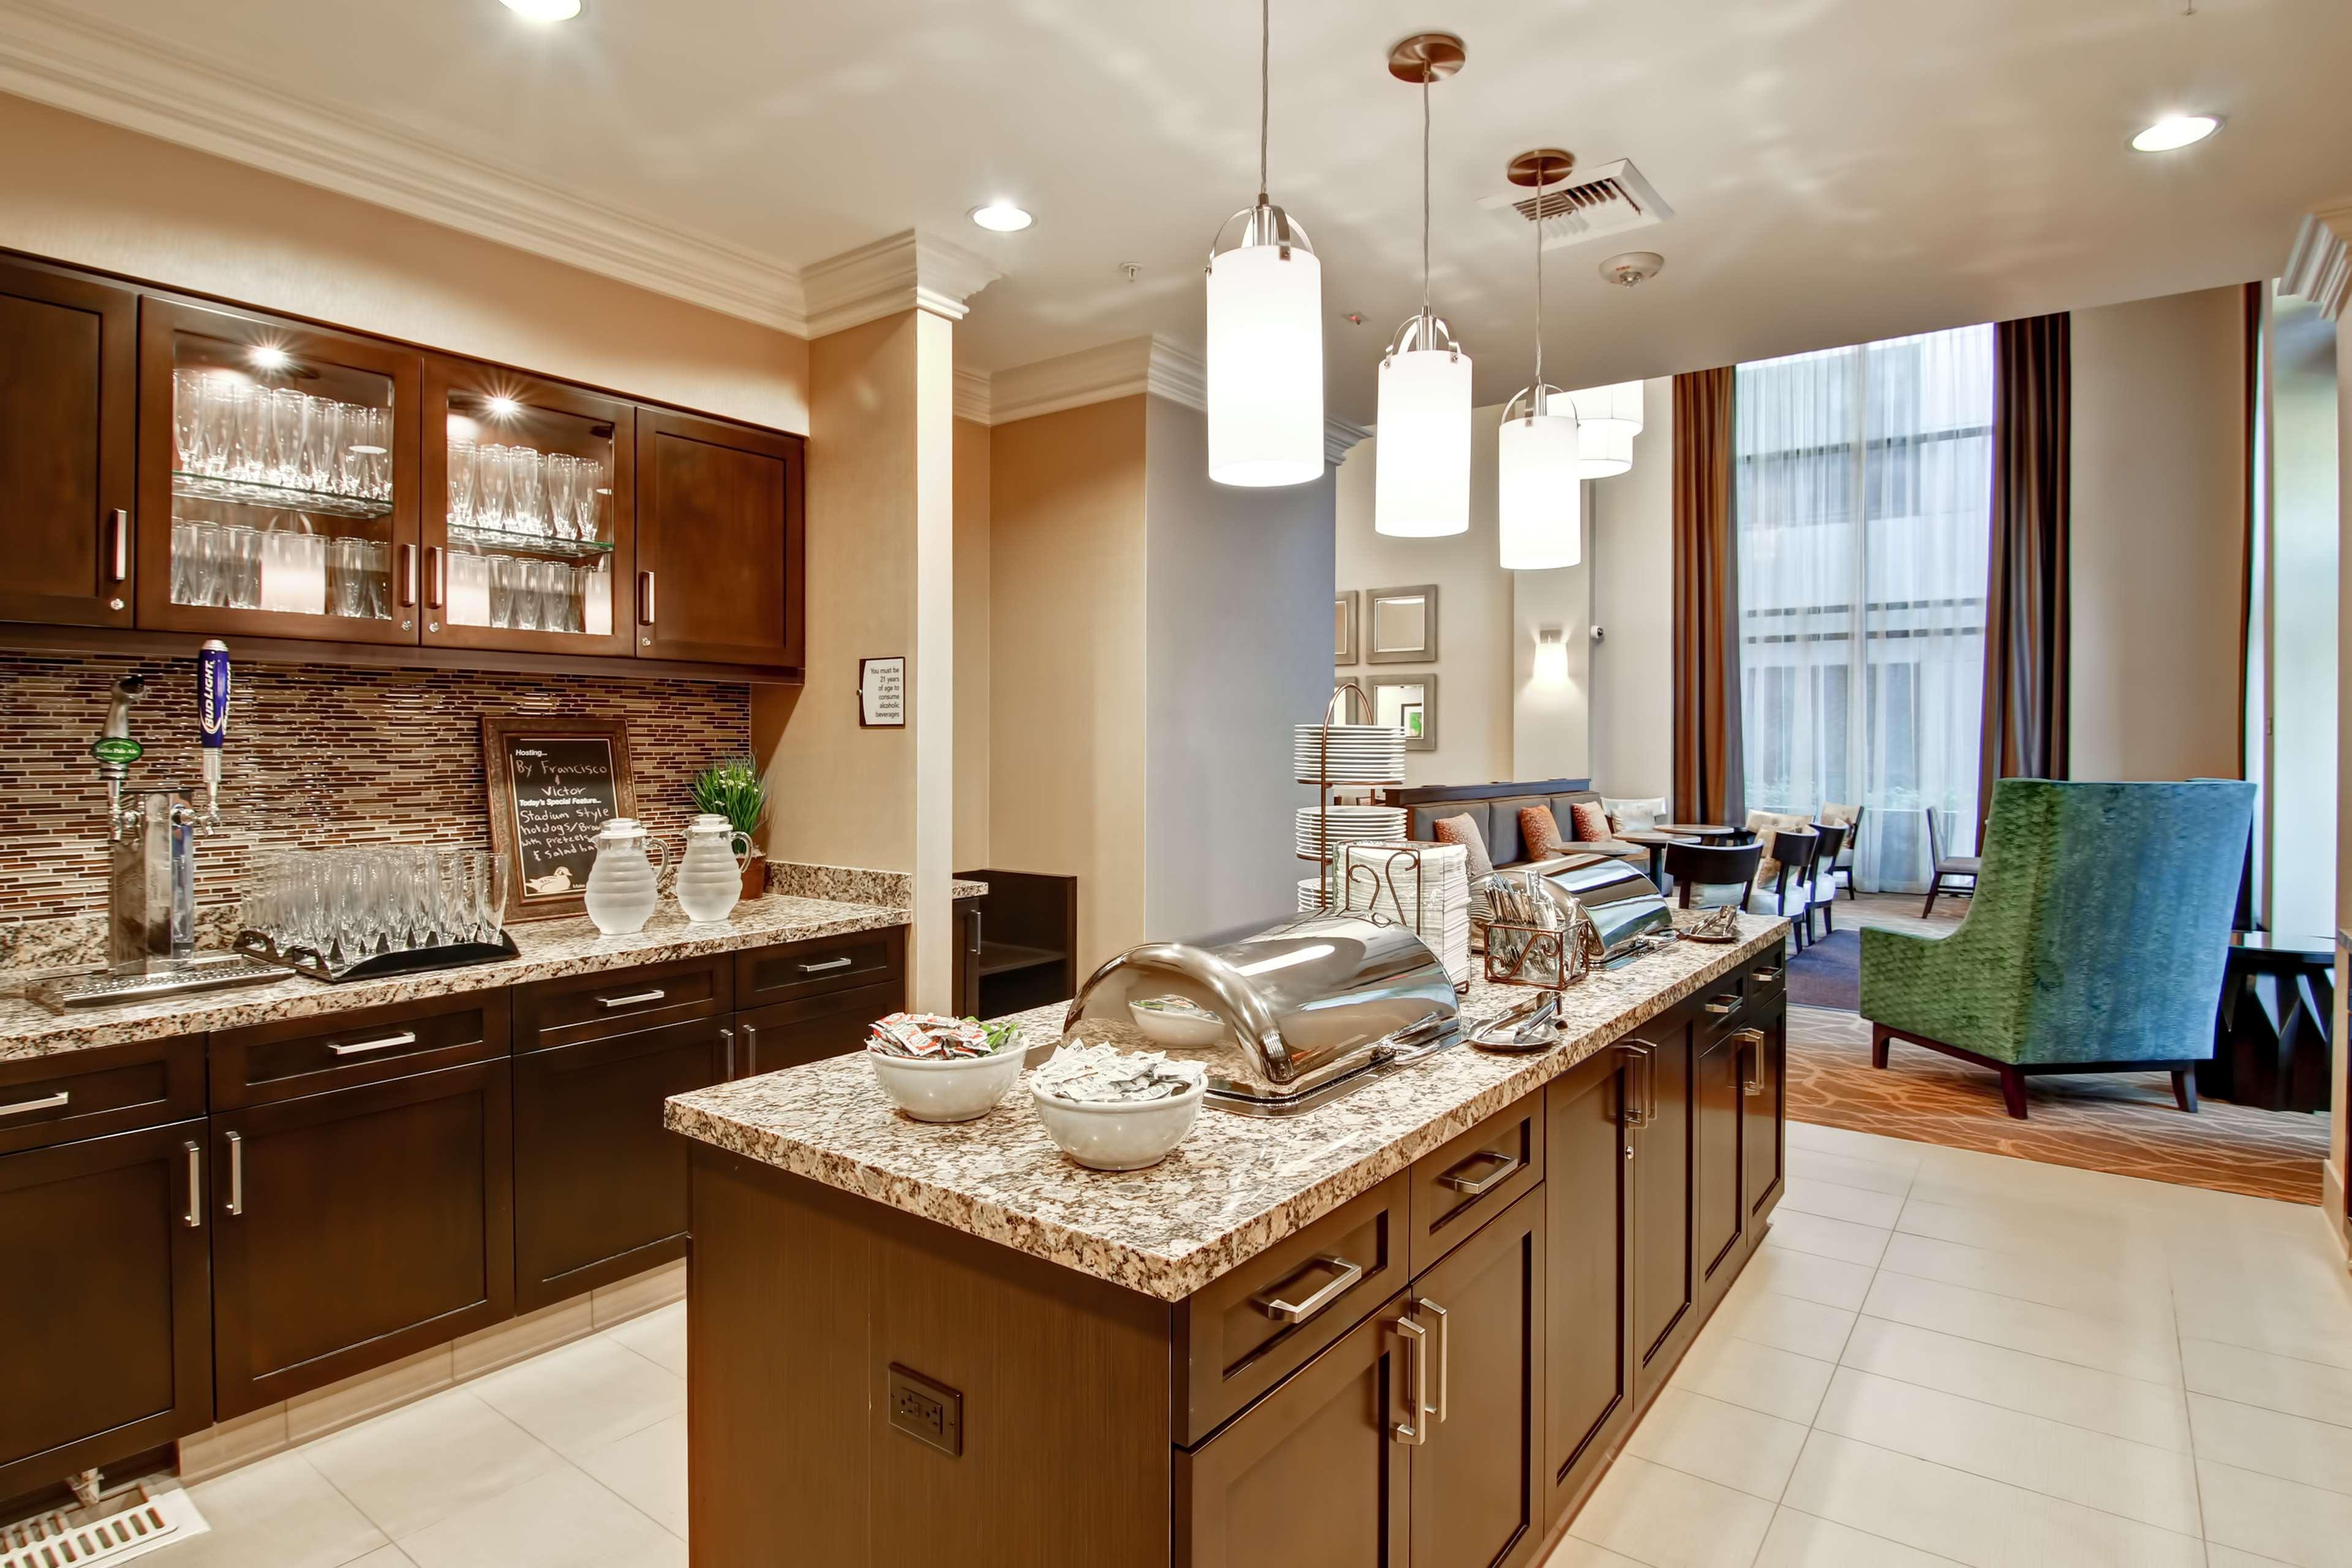 Homewood Suites by Hilton Palo Alto image 11